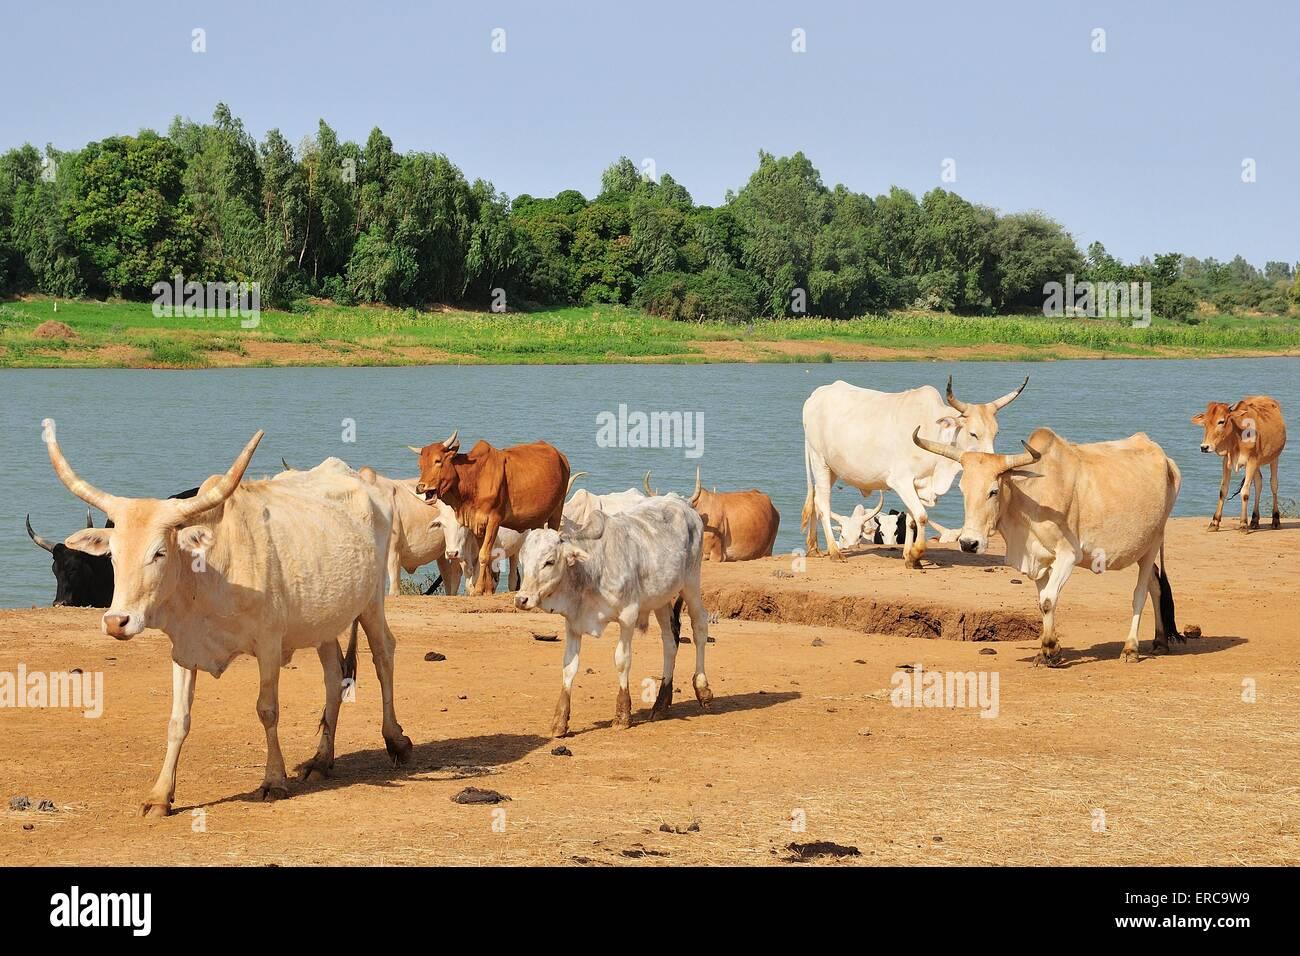 Ganado por el río Senegal, Boga, Brakna región, Mauritania Imagen De Stock